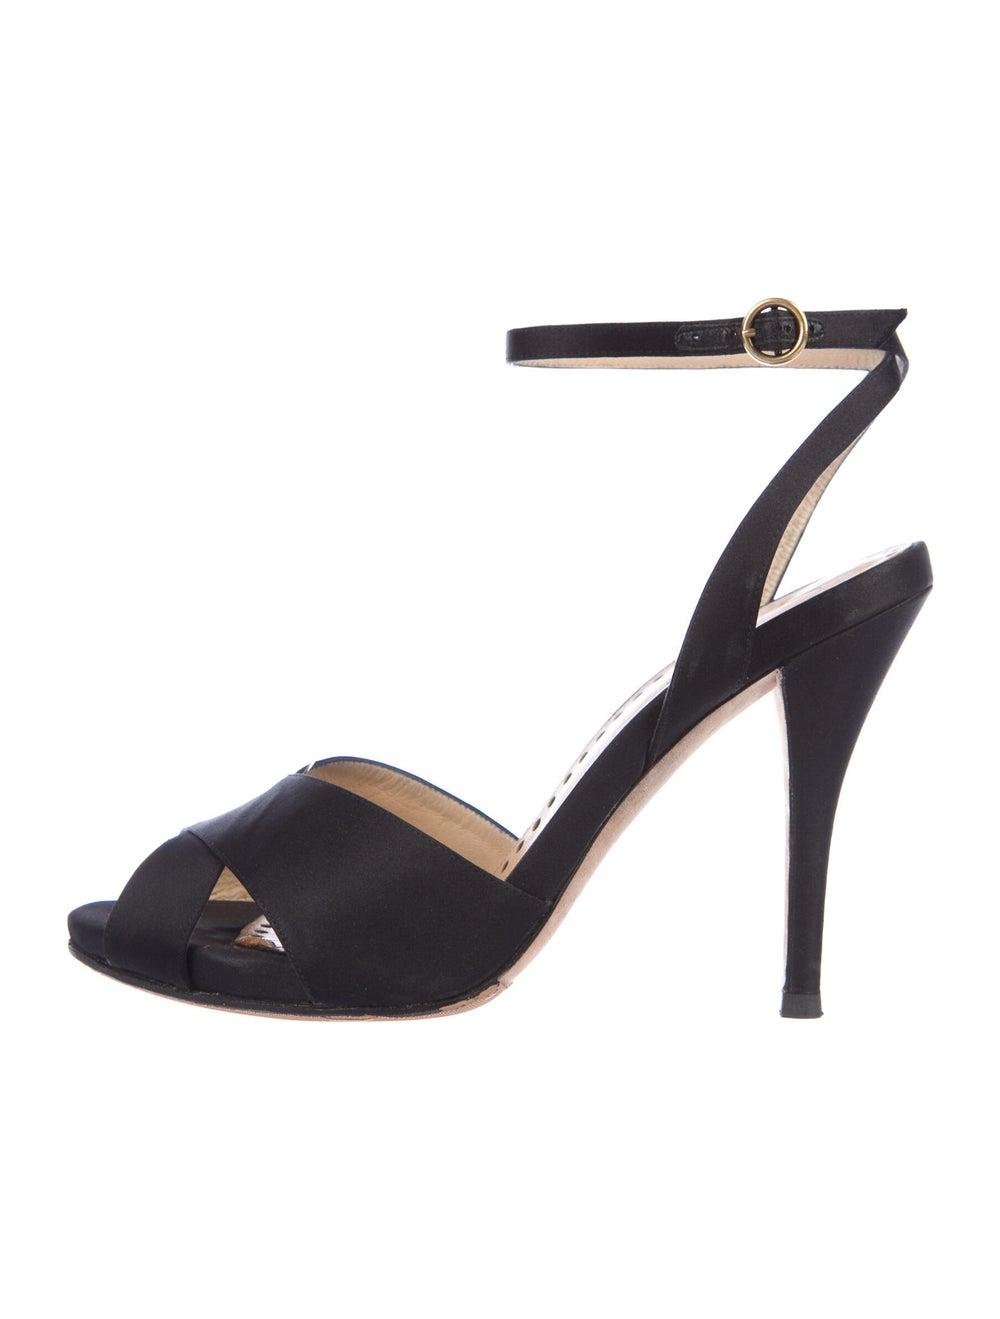 Yves Saint Laurent Rive Gauche Sandals Black - image 1